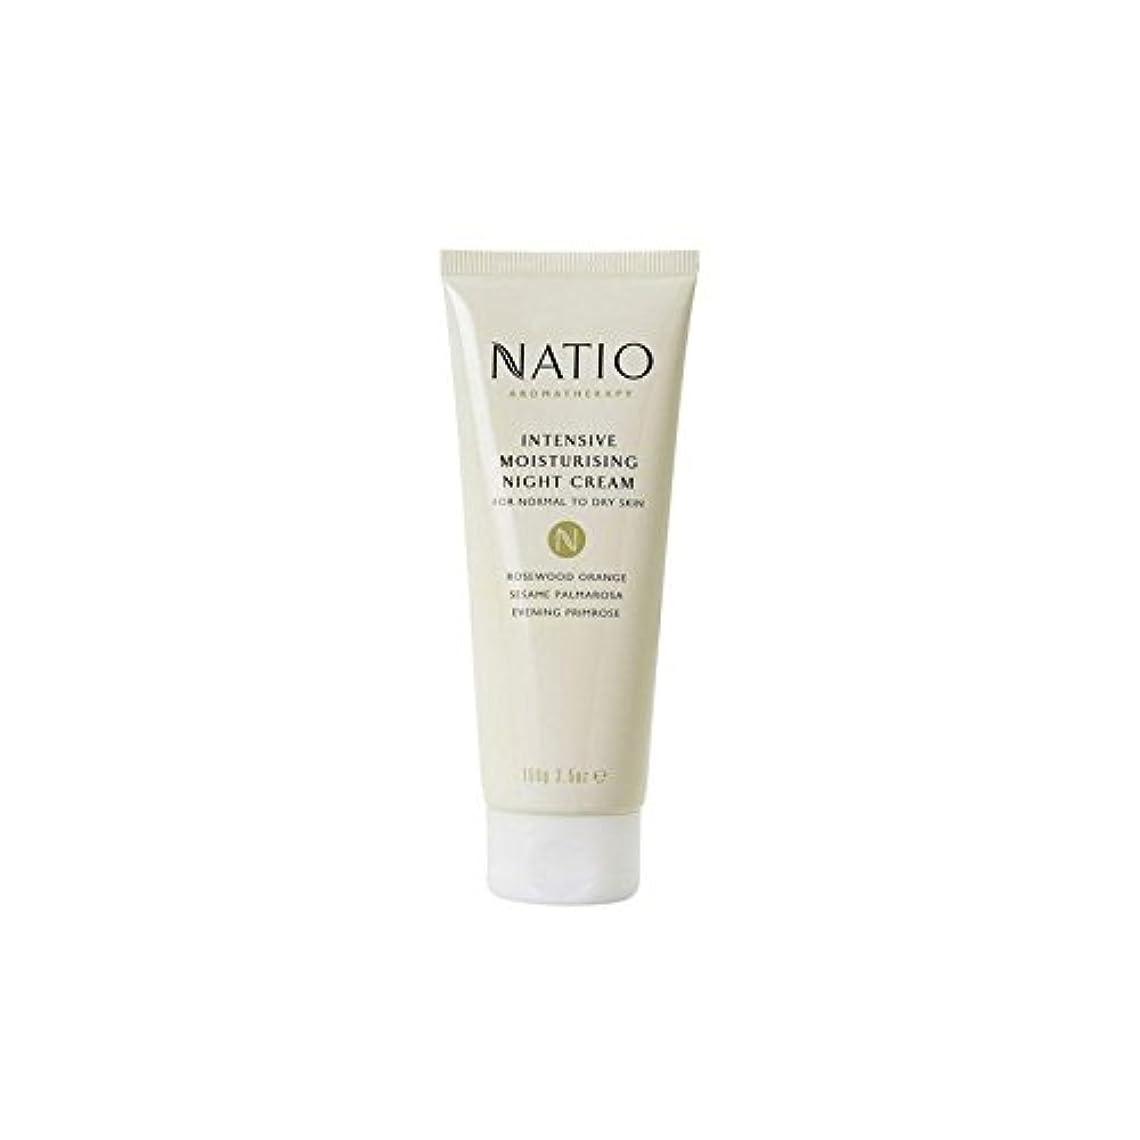 差別白菜電気的Natio Intensive Moisturising Night Cream (100G) (Pack of 6) - 集中的な保湿ナイトクリーム(100グラム) x6 [並行輸入品]